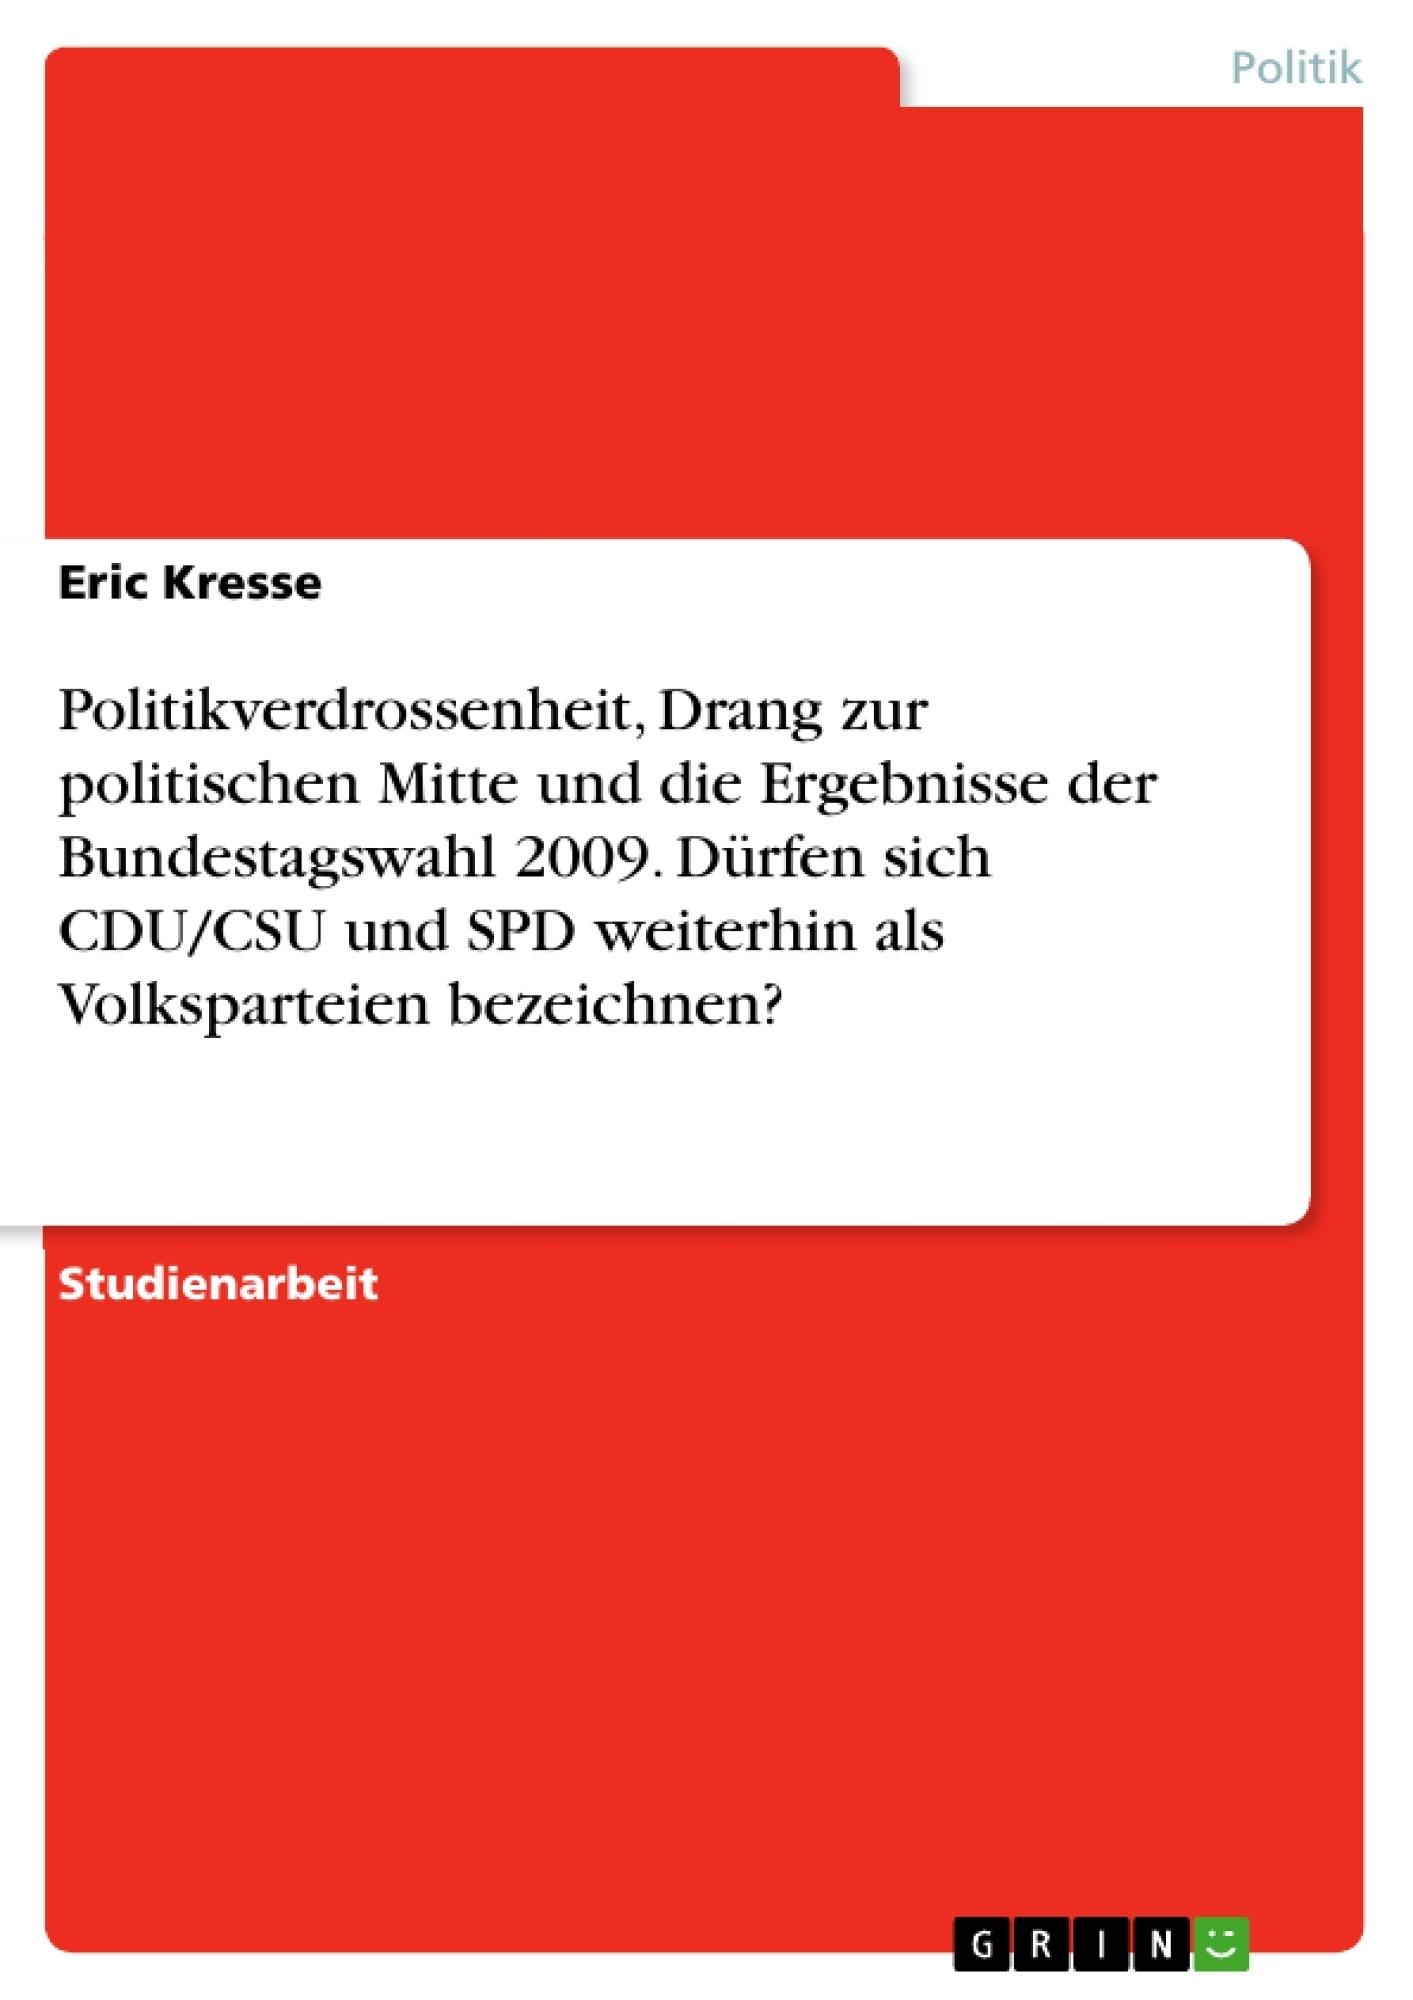 Titel: Politikverdrossenheit, Drang zur politischen Mitte und die Ergebnisse der Bundestagswahl 2009. Dürfen sich CDU/CSU und SPD weiterhin als Volksparteien bezeichnen?